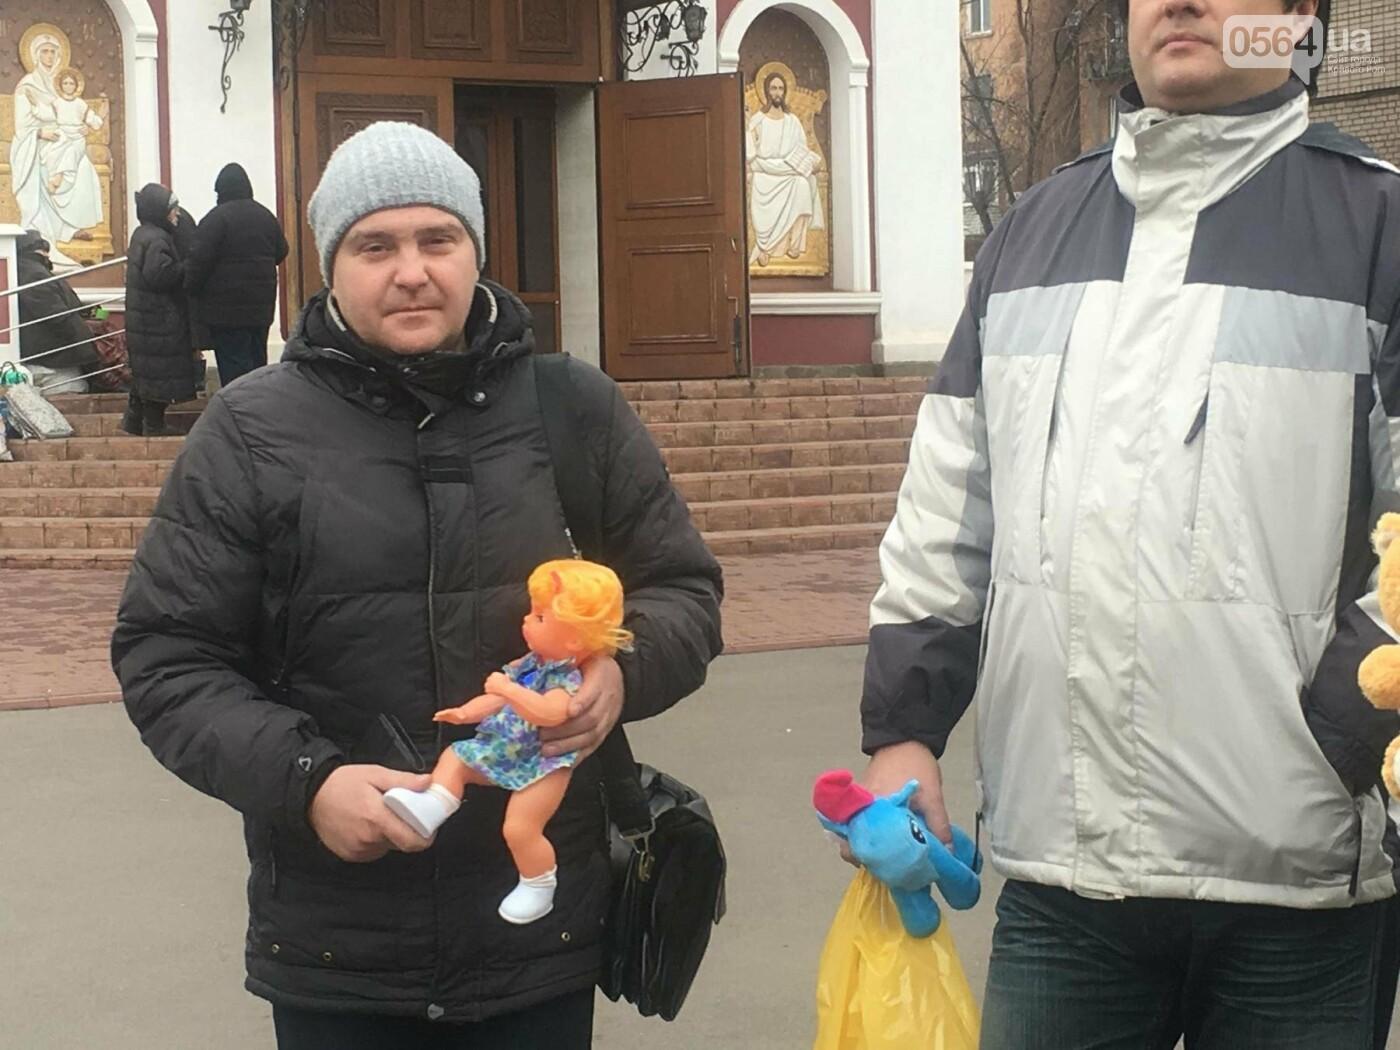 Криворожане, протестуя против политики УПЦ Московского патриархата,  принесли игрушки к храму (ФОТО, ВИДЕО), фото-12